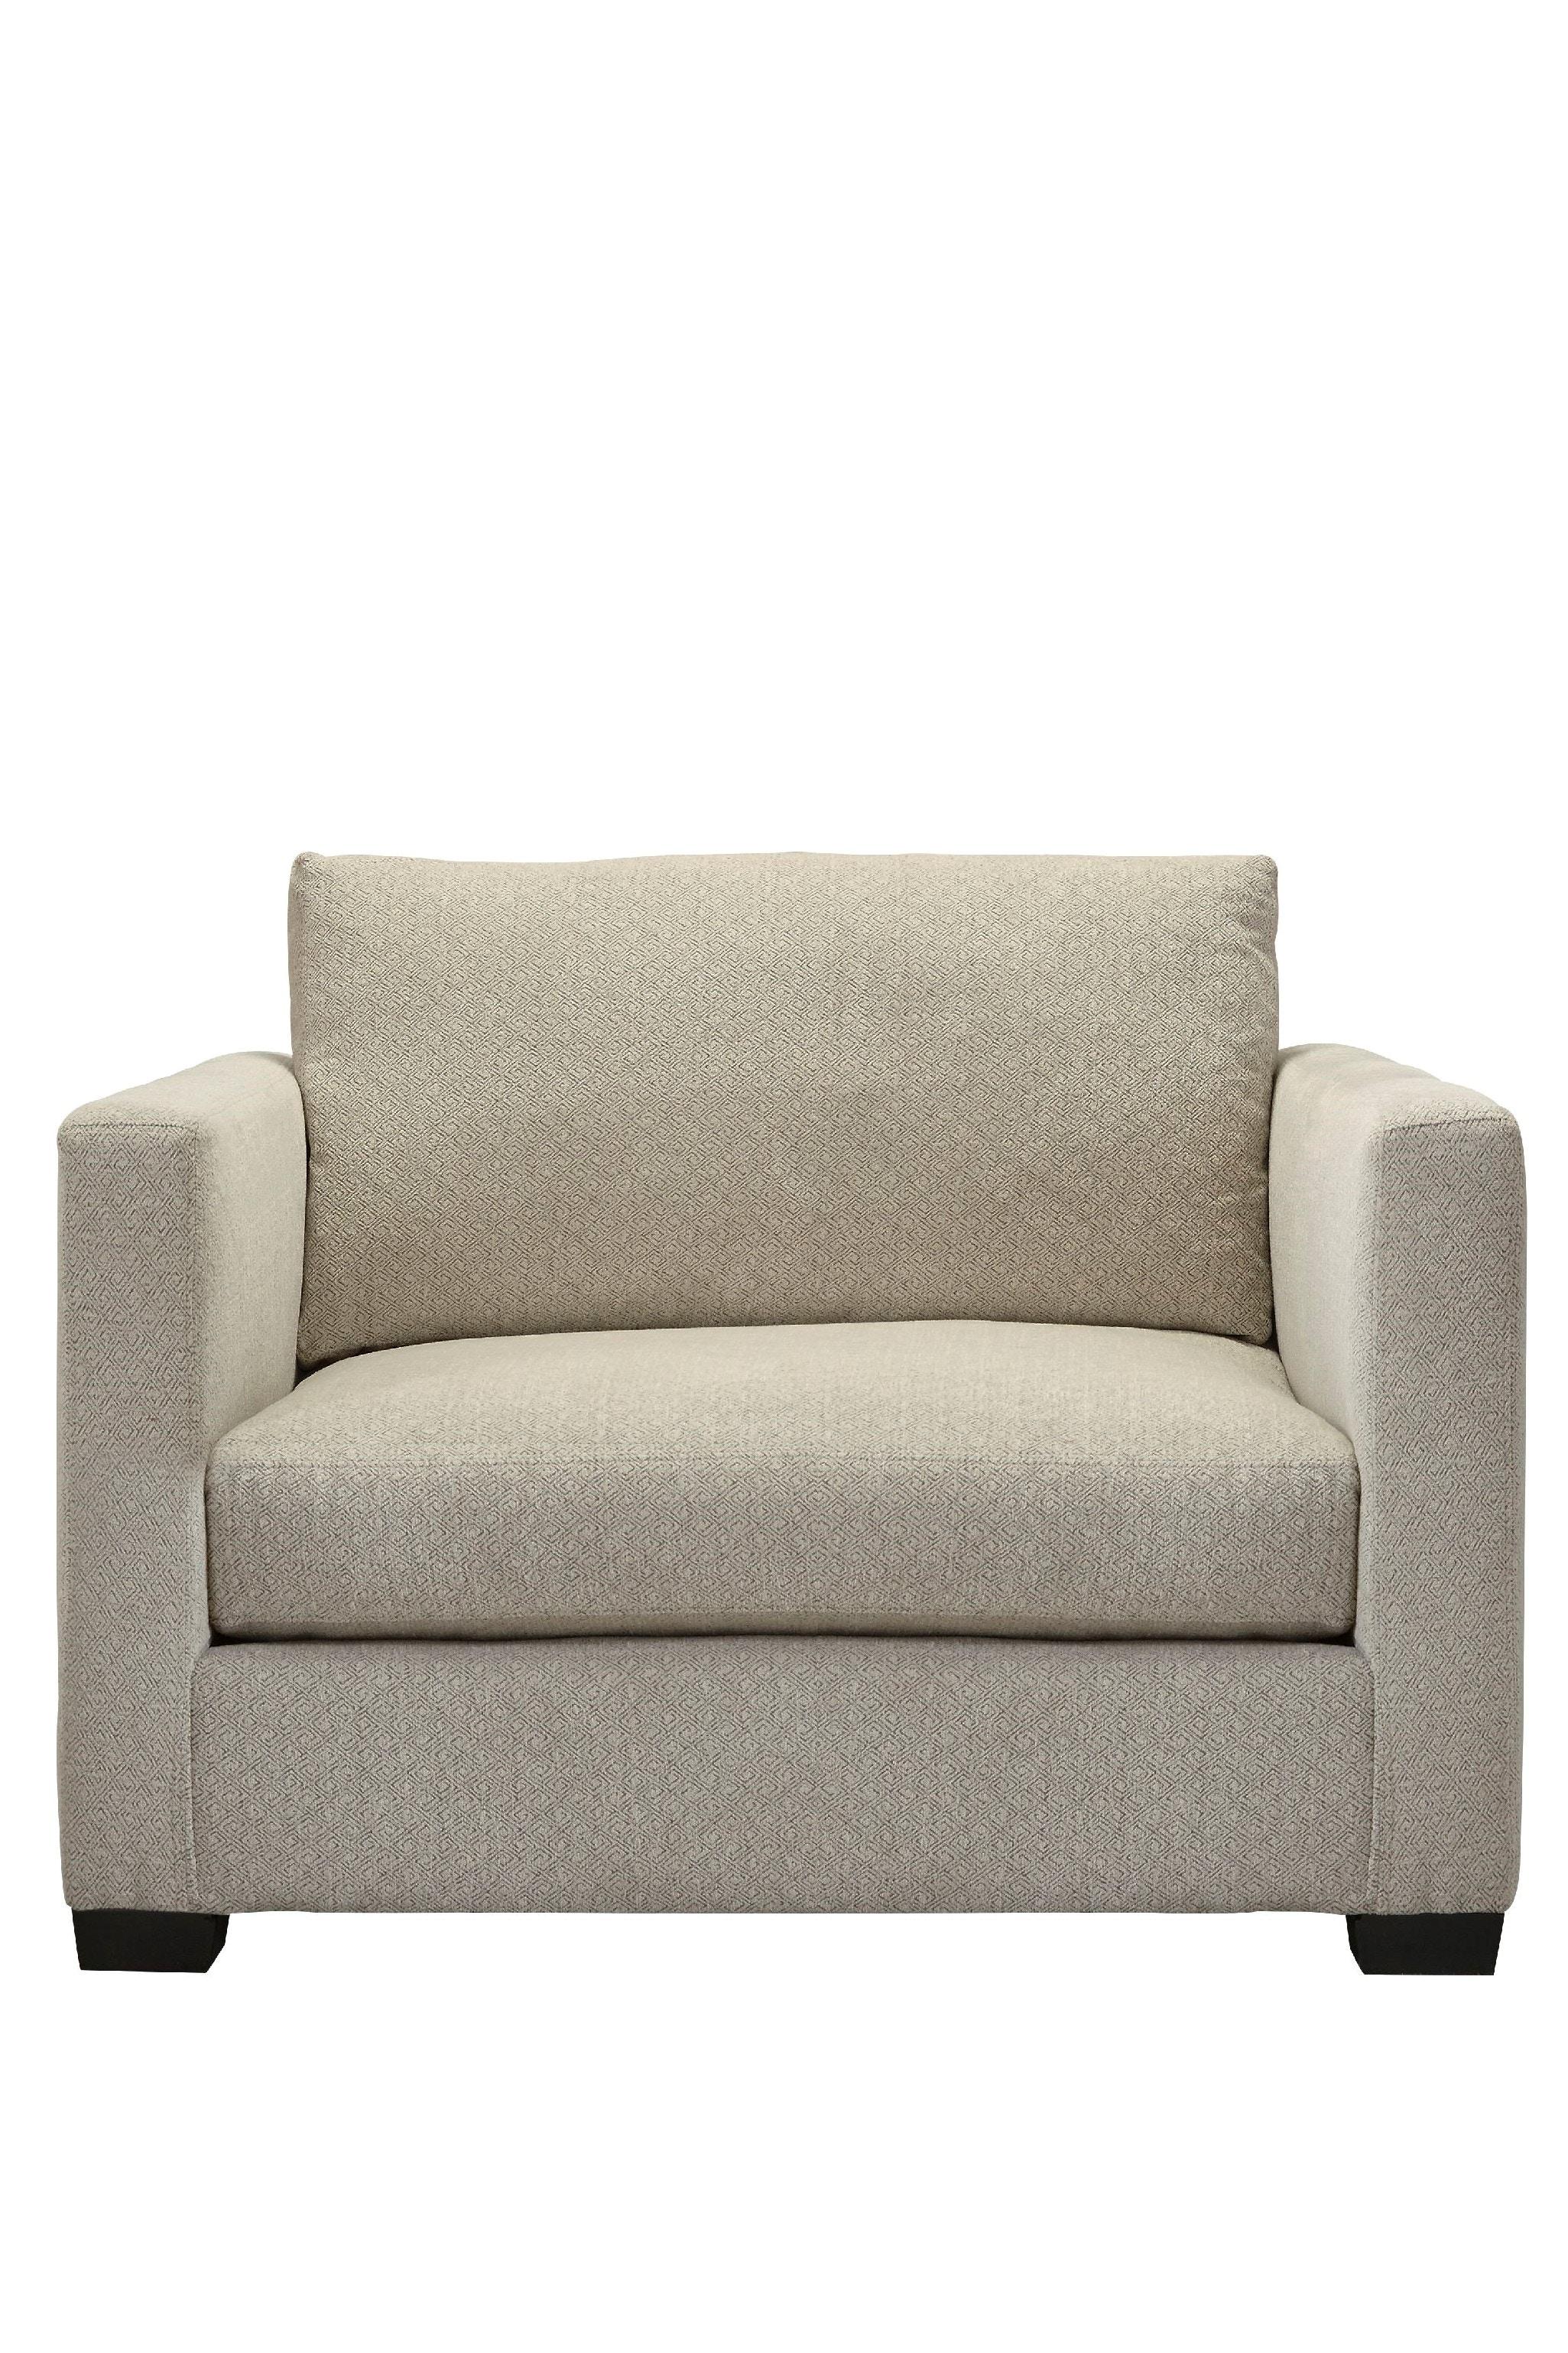 26113. McCoy Chair 1/2